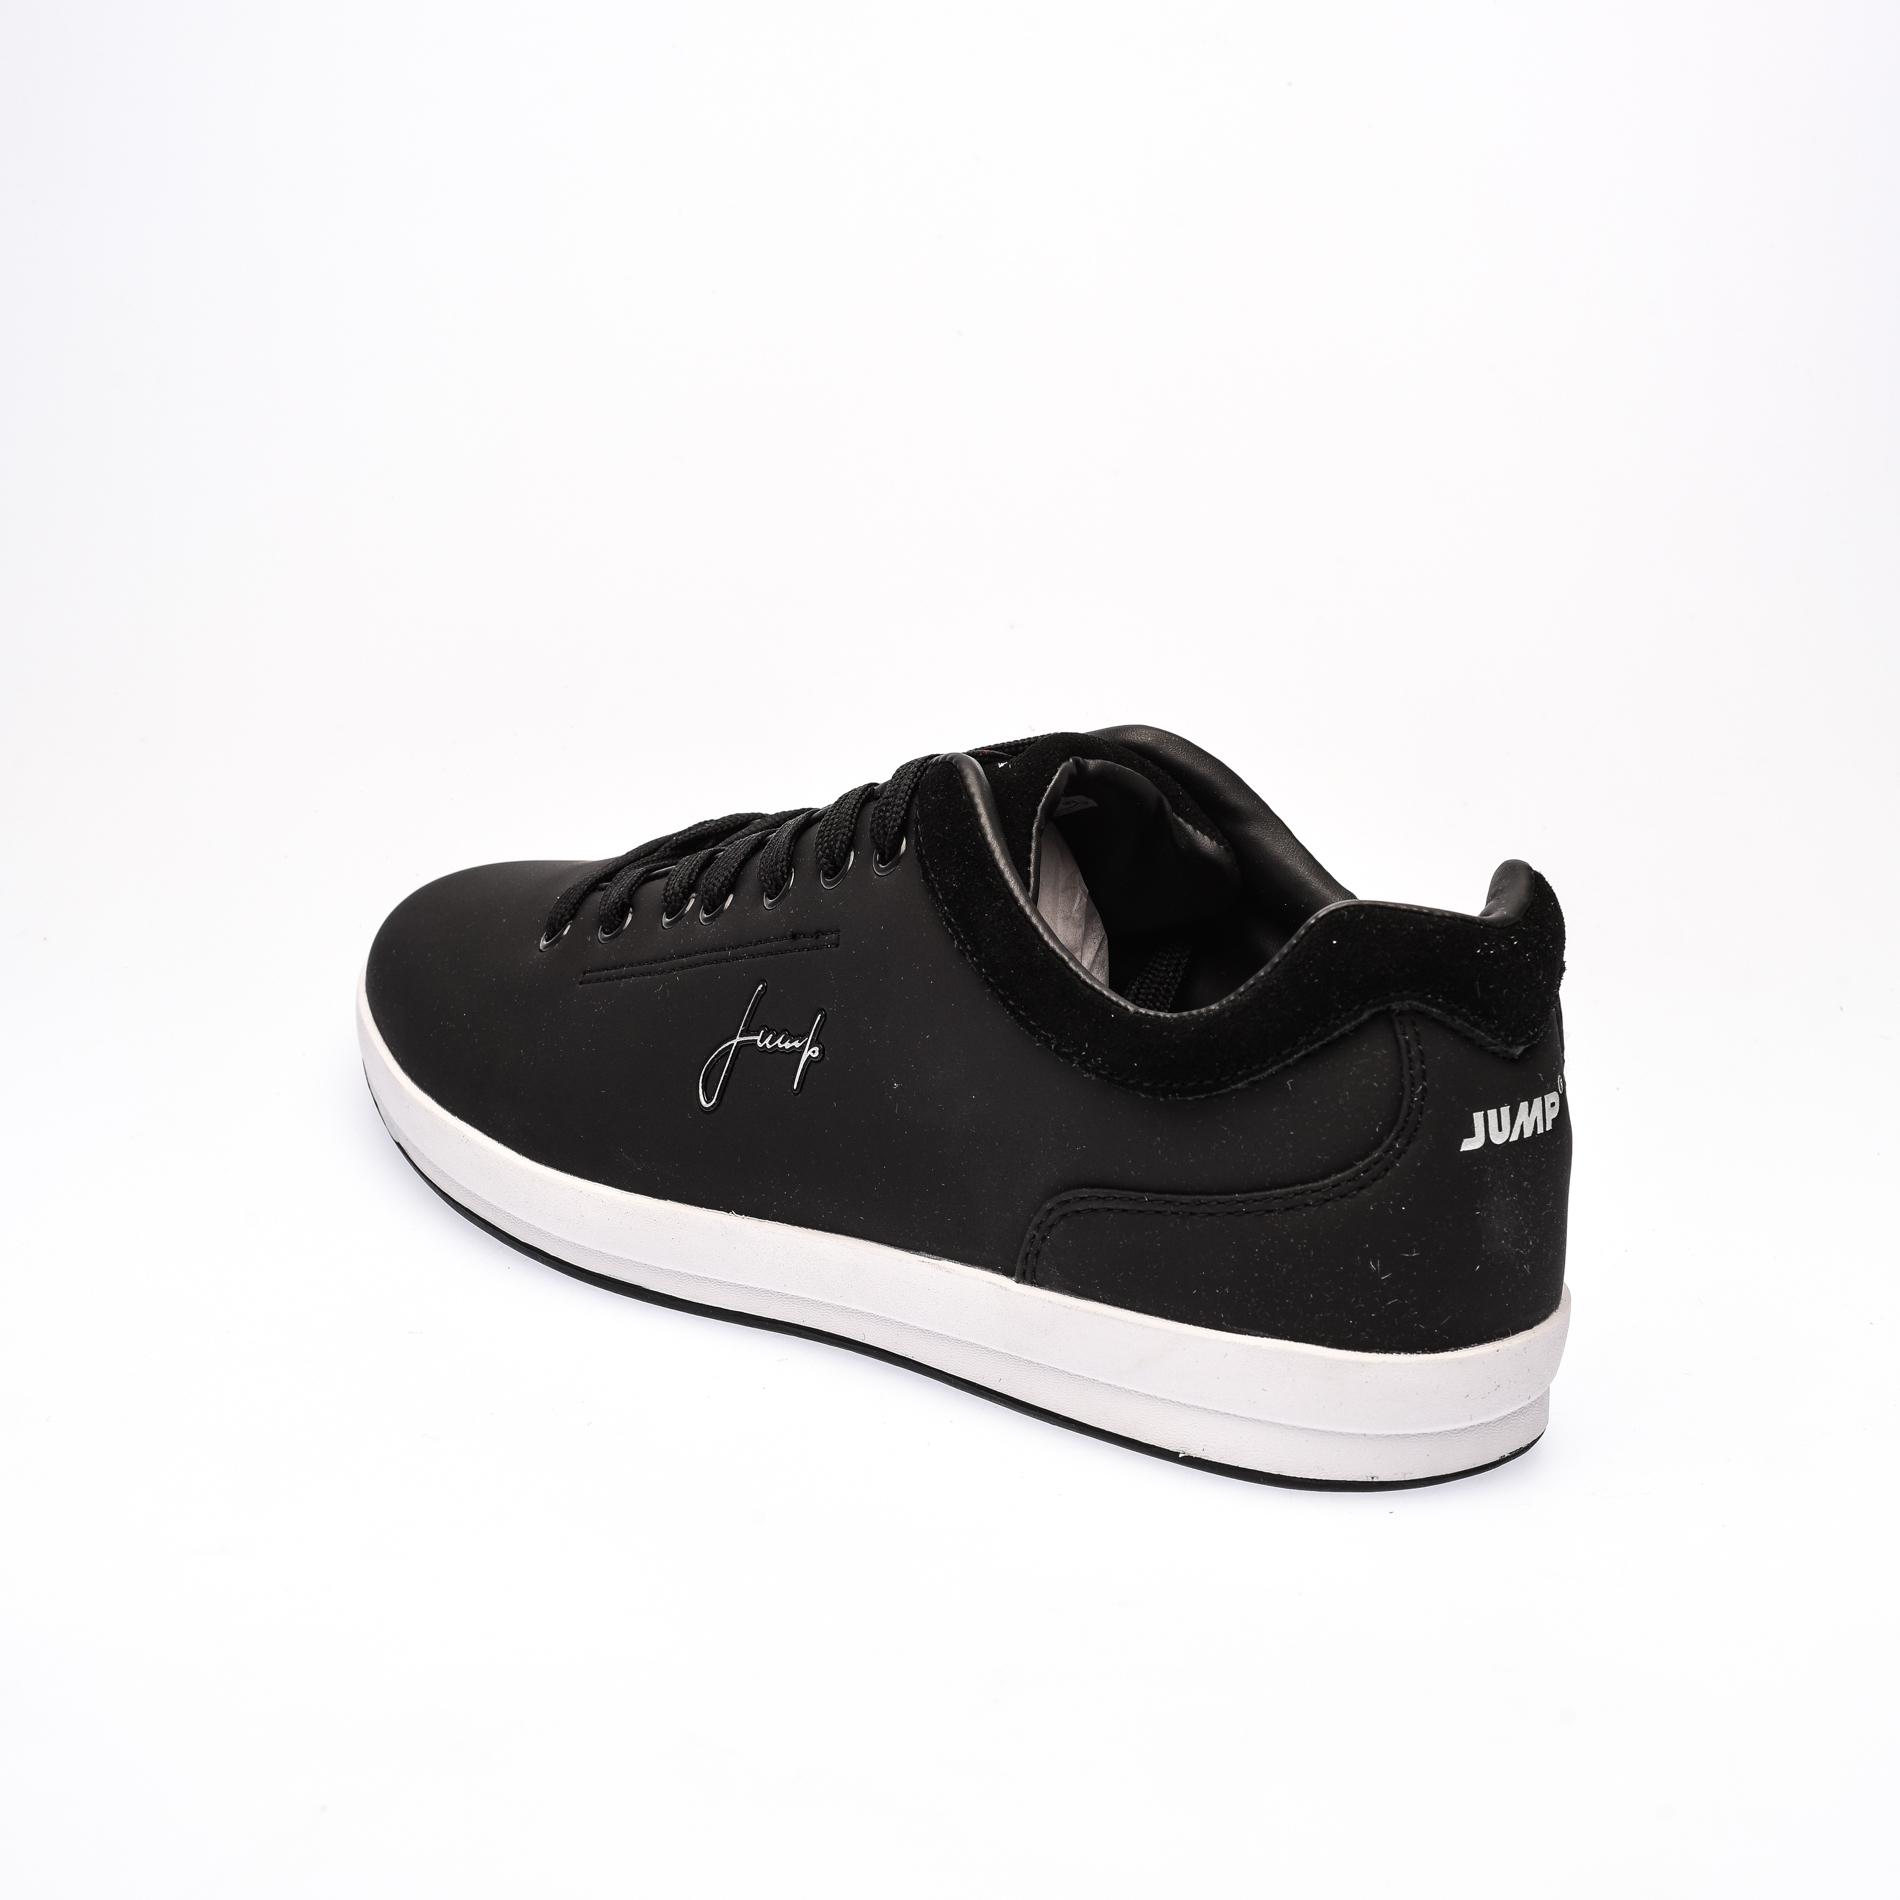 ATKINS (Black)